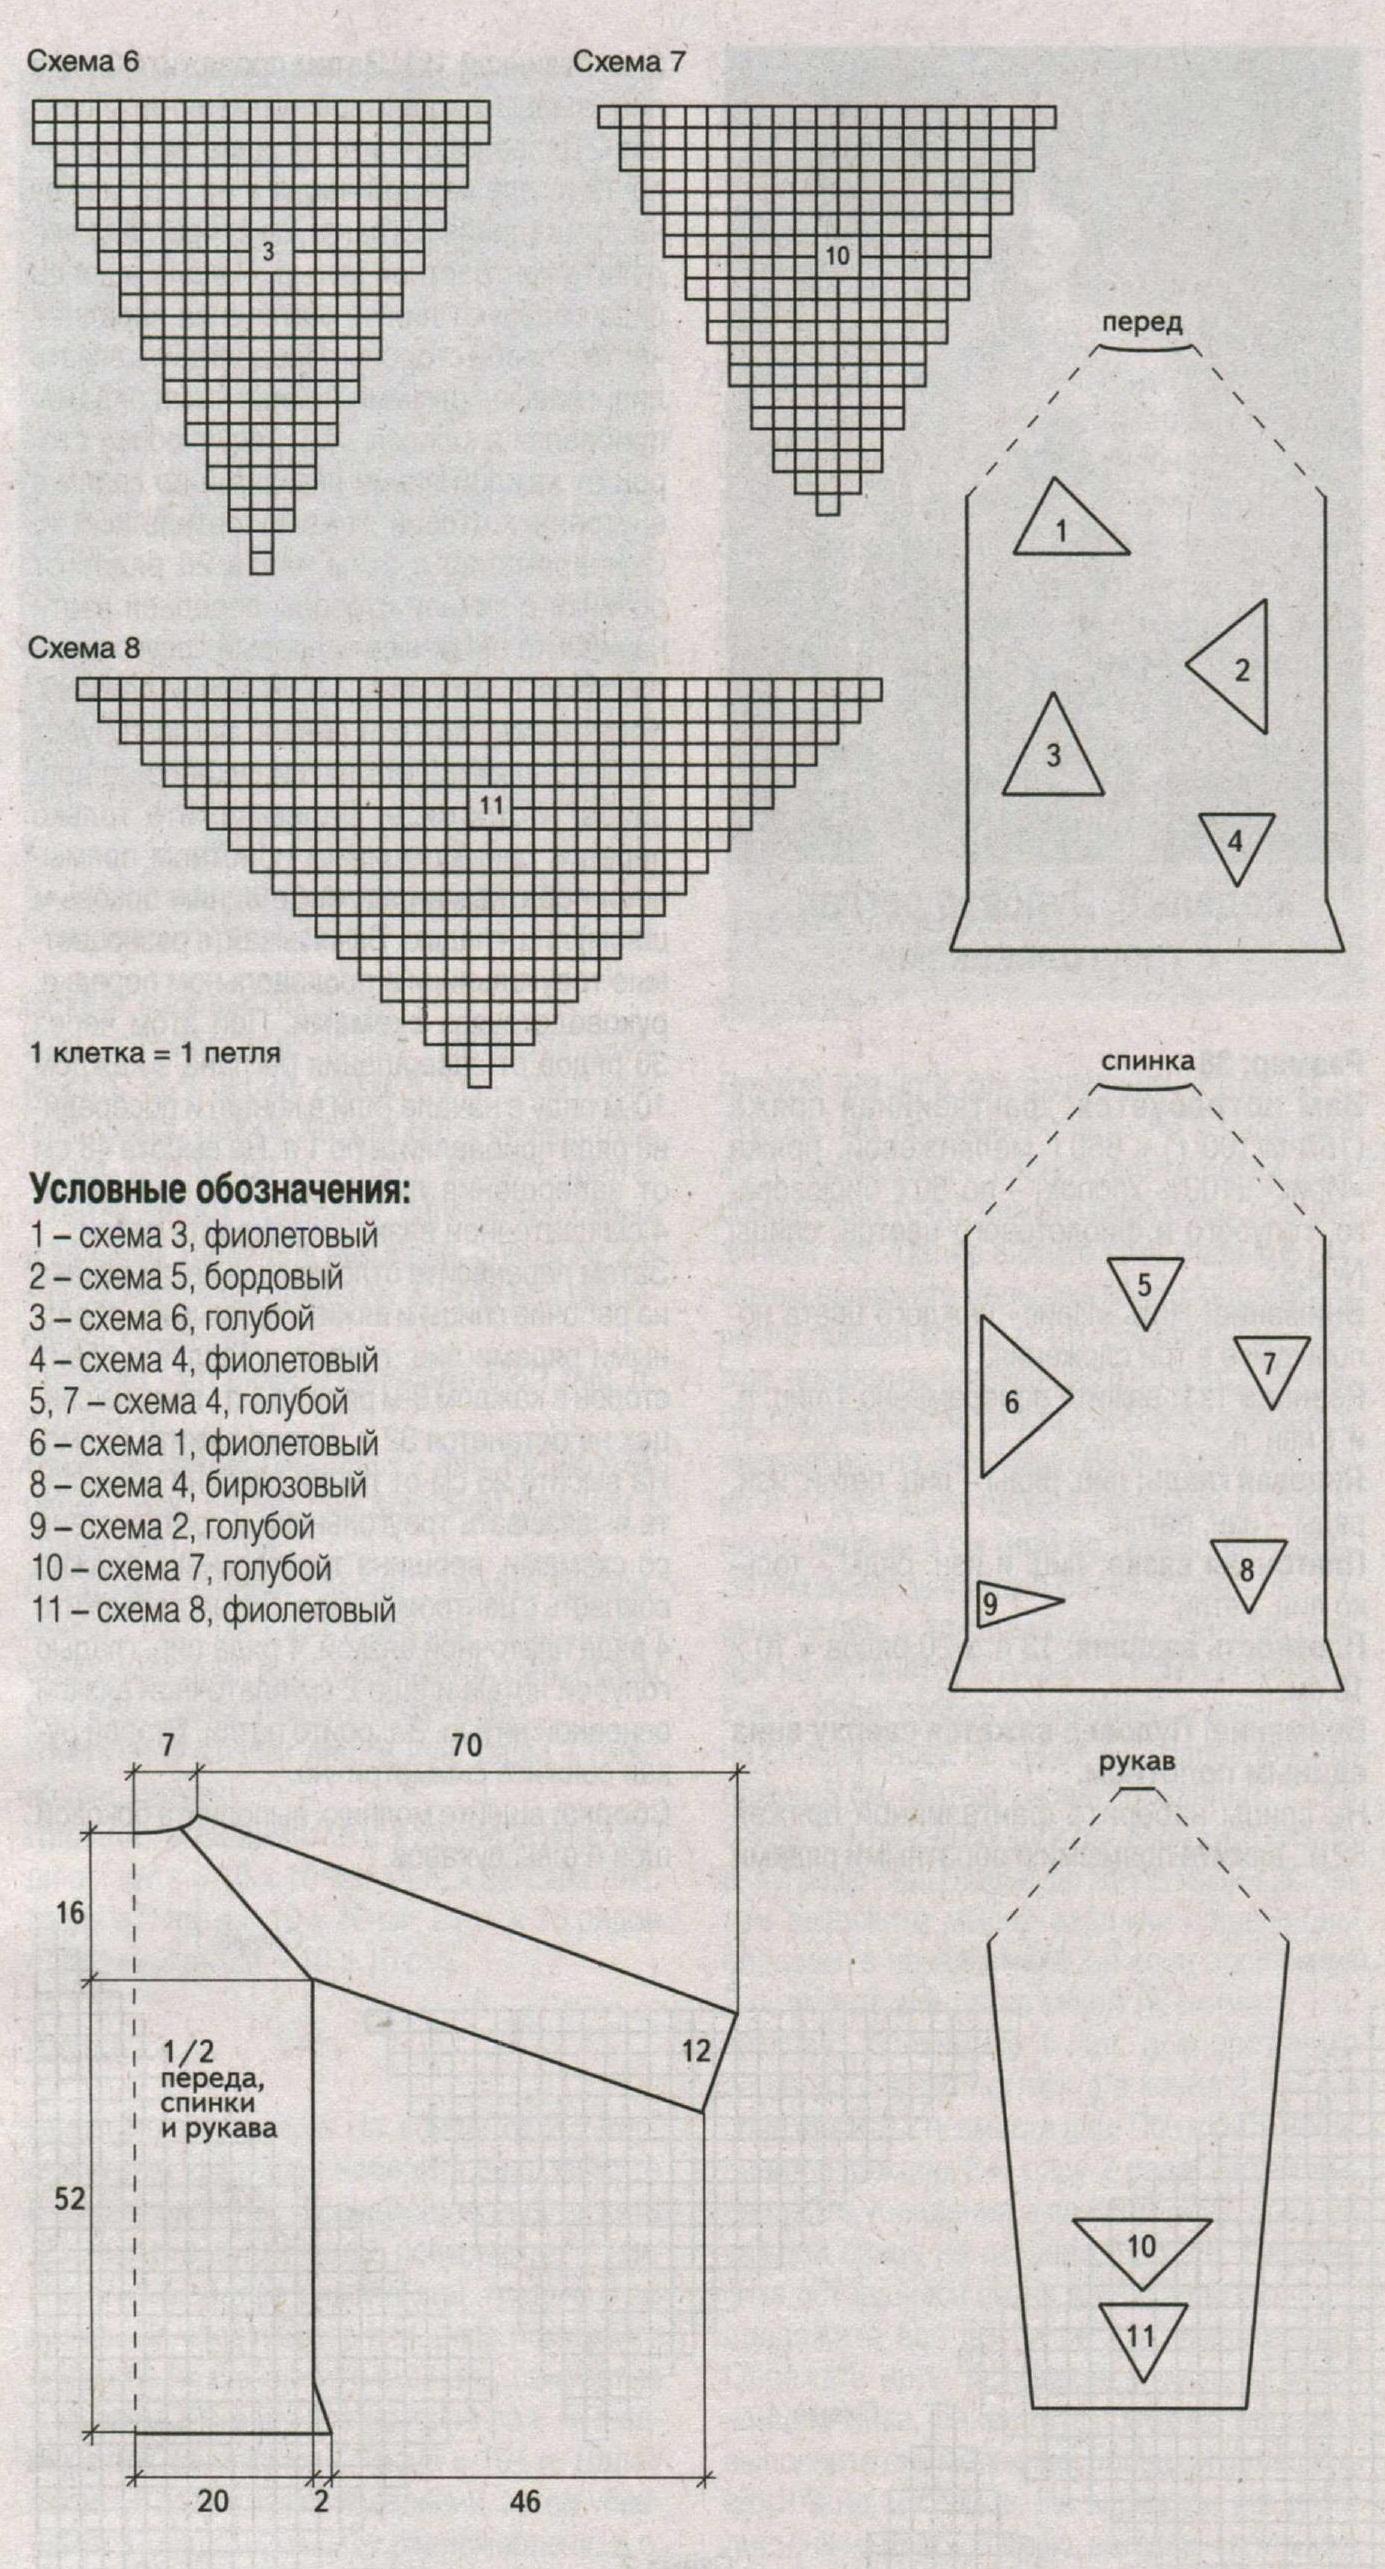 Пуловер с треугольниками вязаный спицами схема (1)